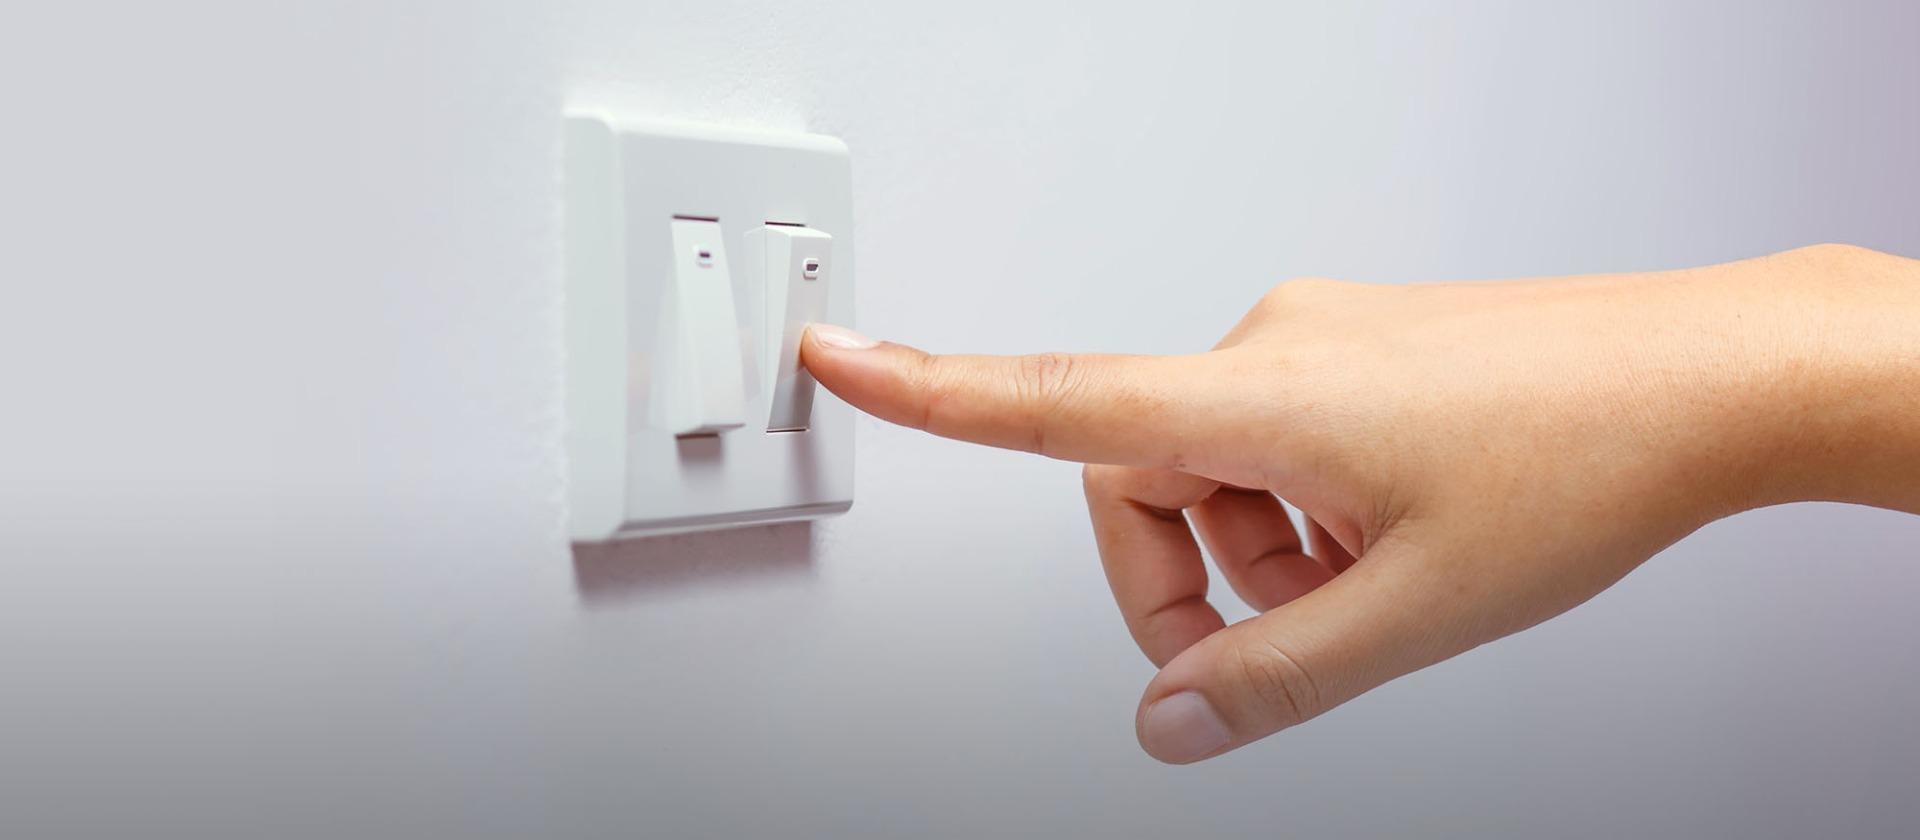 Tips voor verlagen van elektriciteitsverbruik